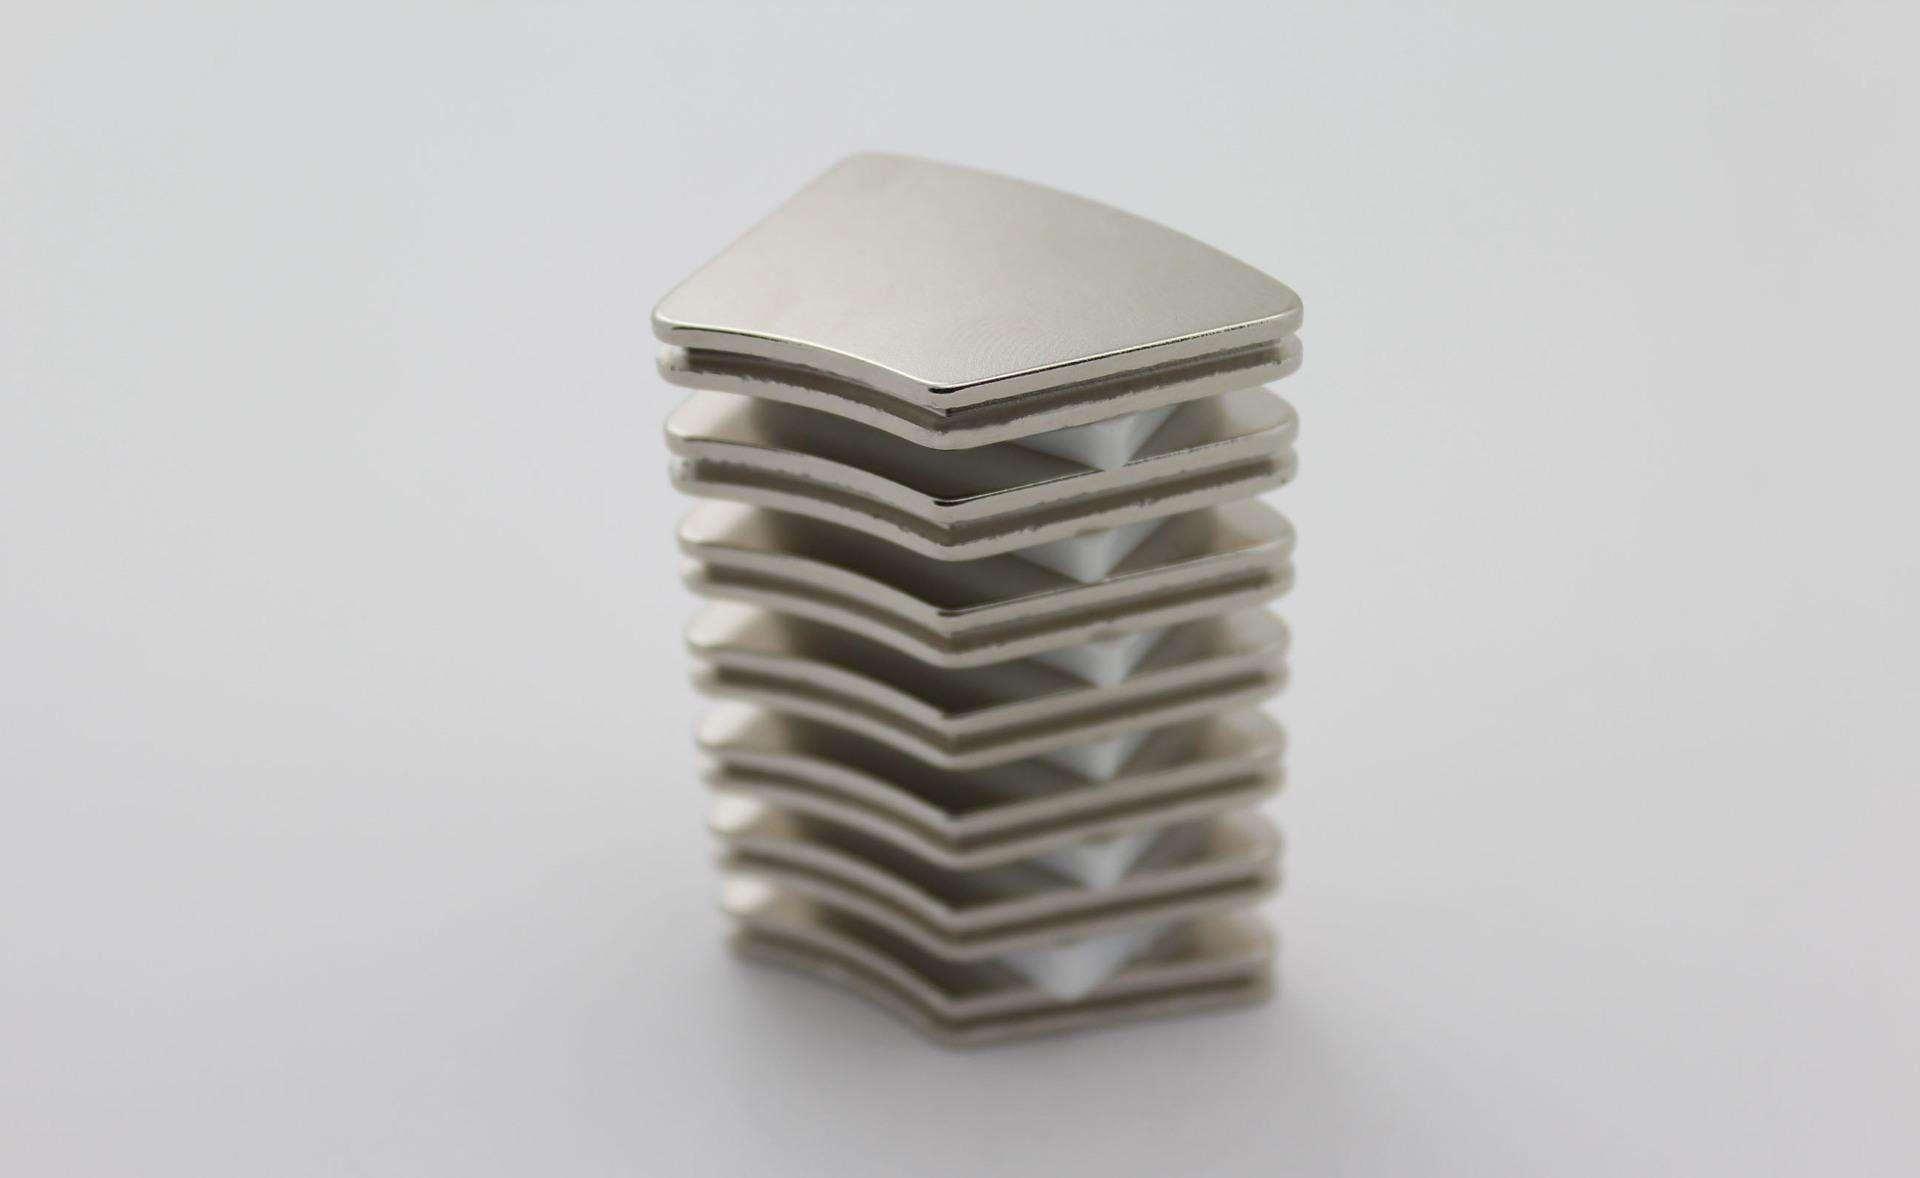 N52 N35 n40 N50 Neodymium Magnetic arc for motor Rare earth